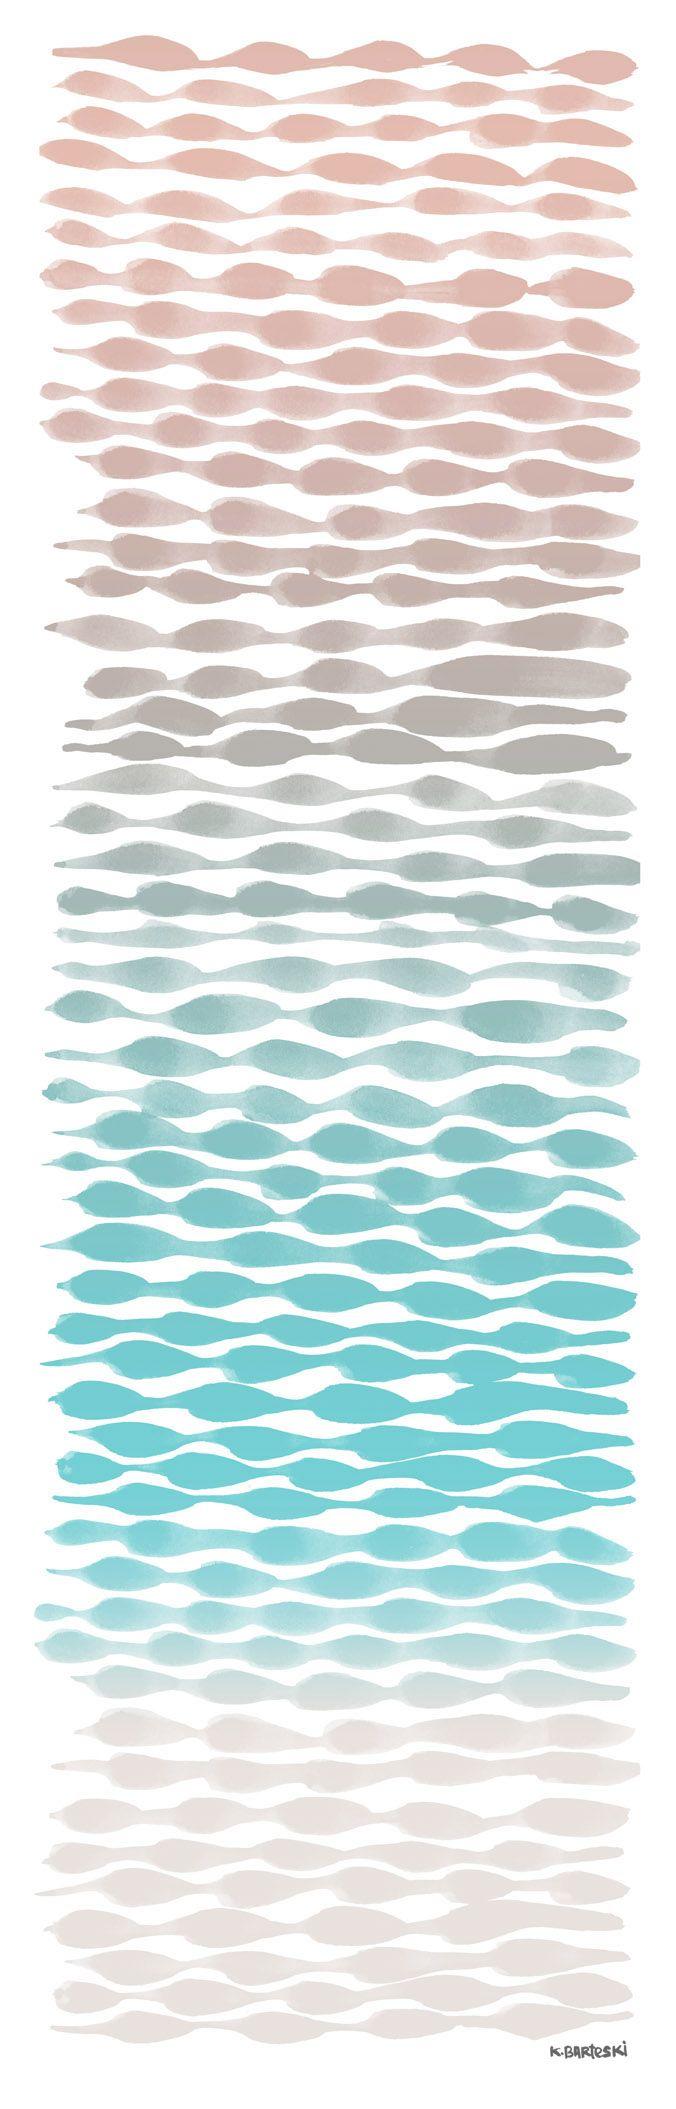 sunrise on water. (tinted brush exercise) 2012. K.Barteski